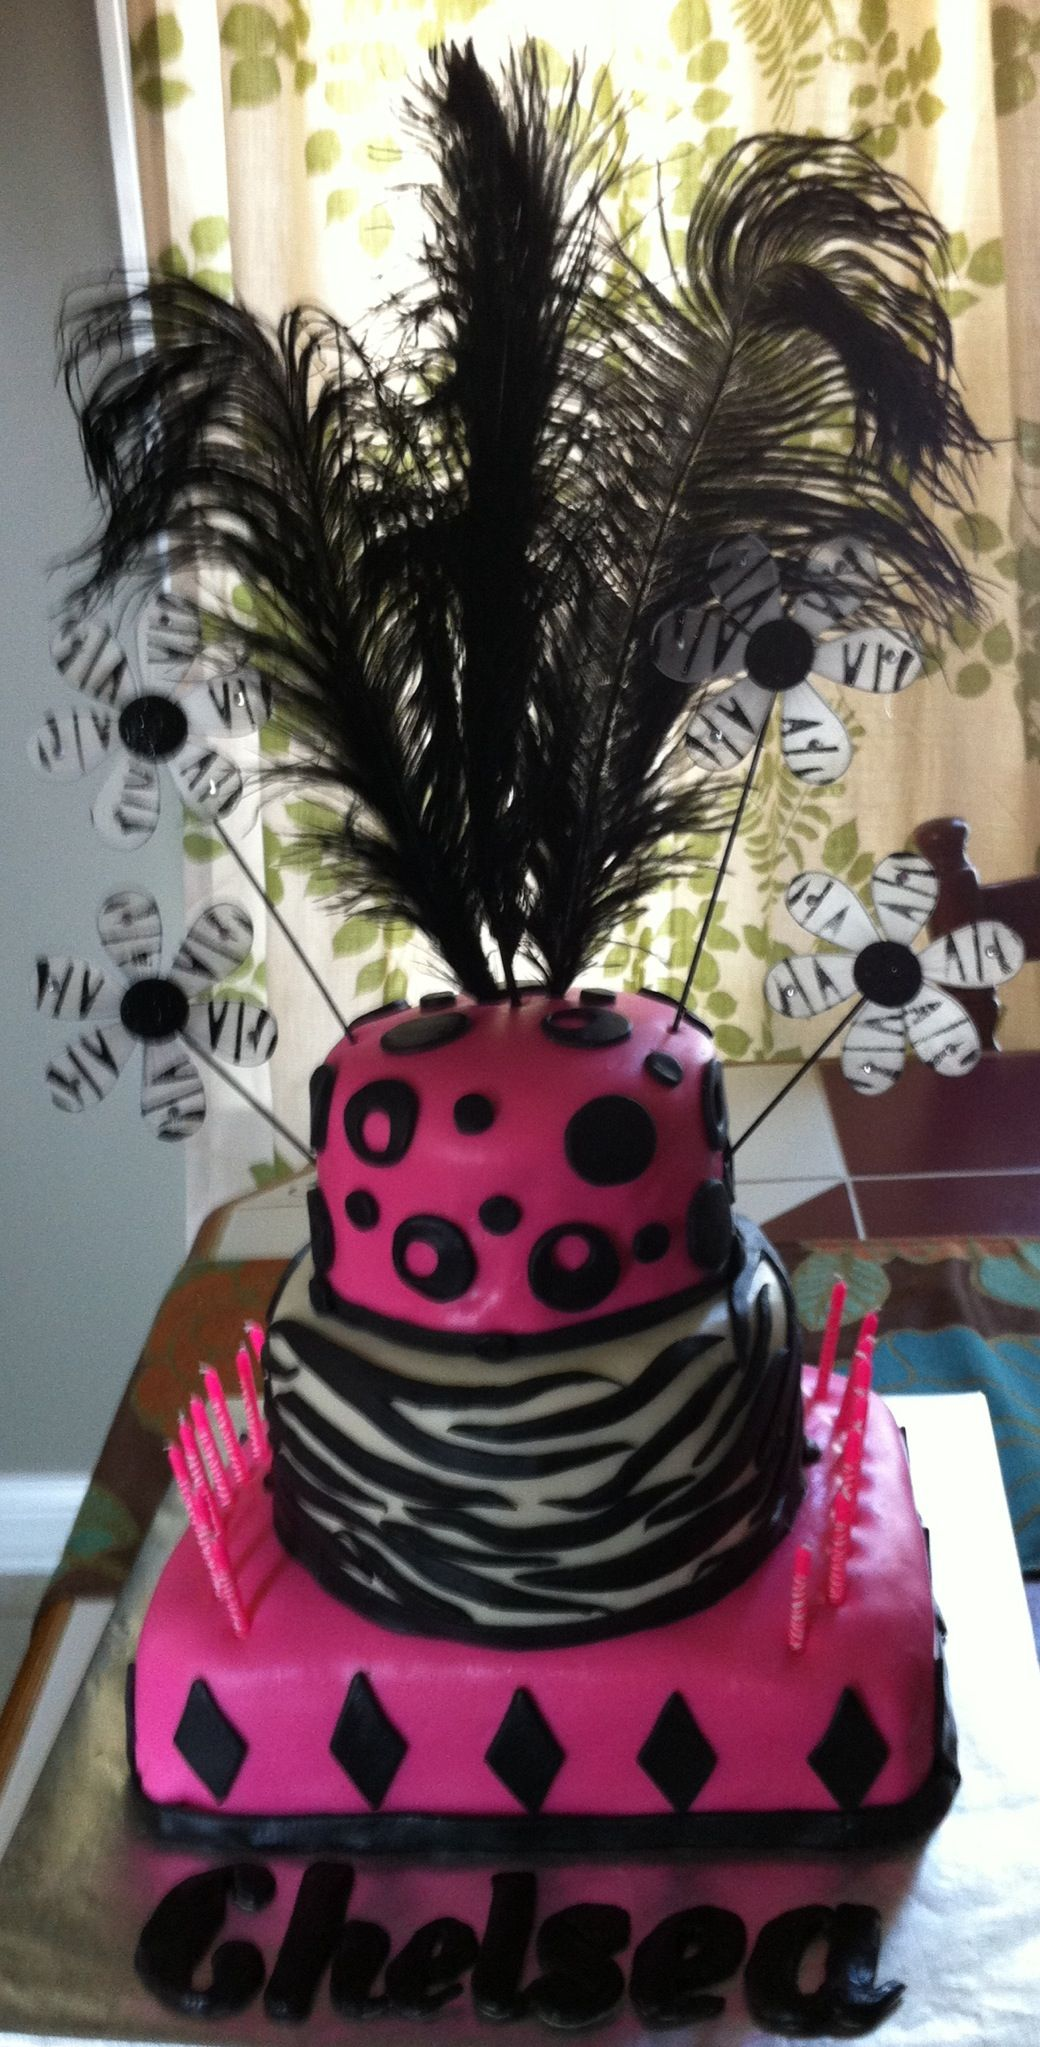 16th Birthday Cake Ideas For Kbk Pinterest